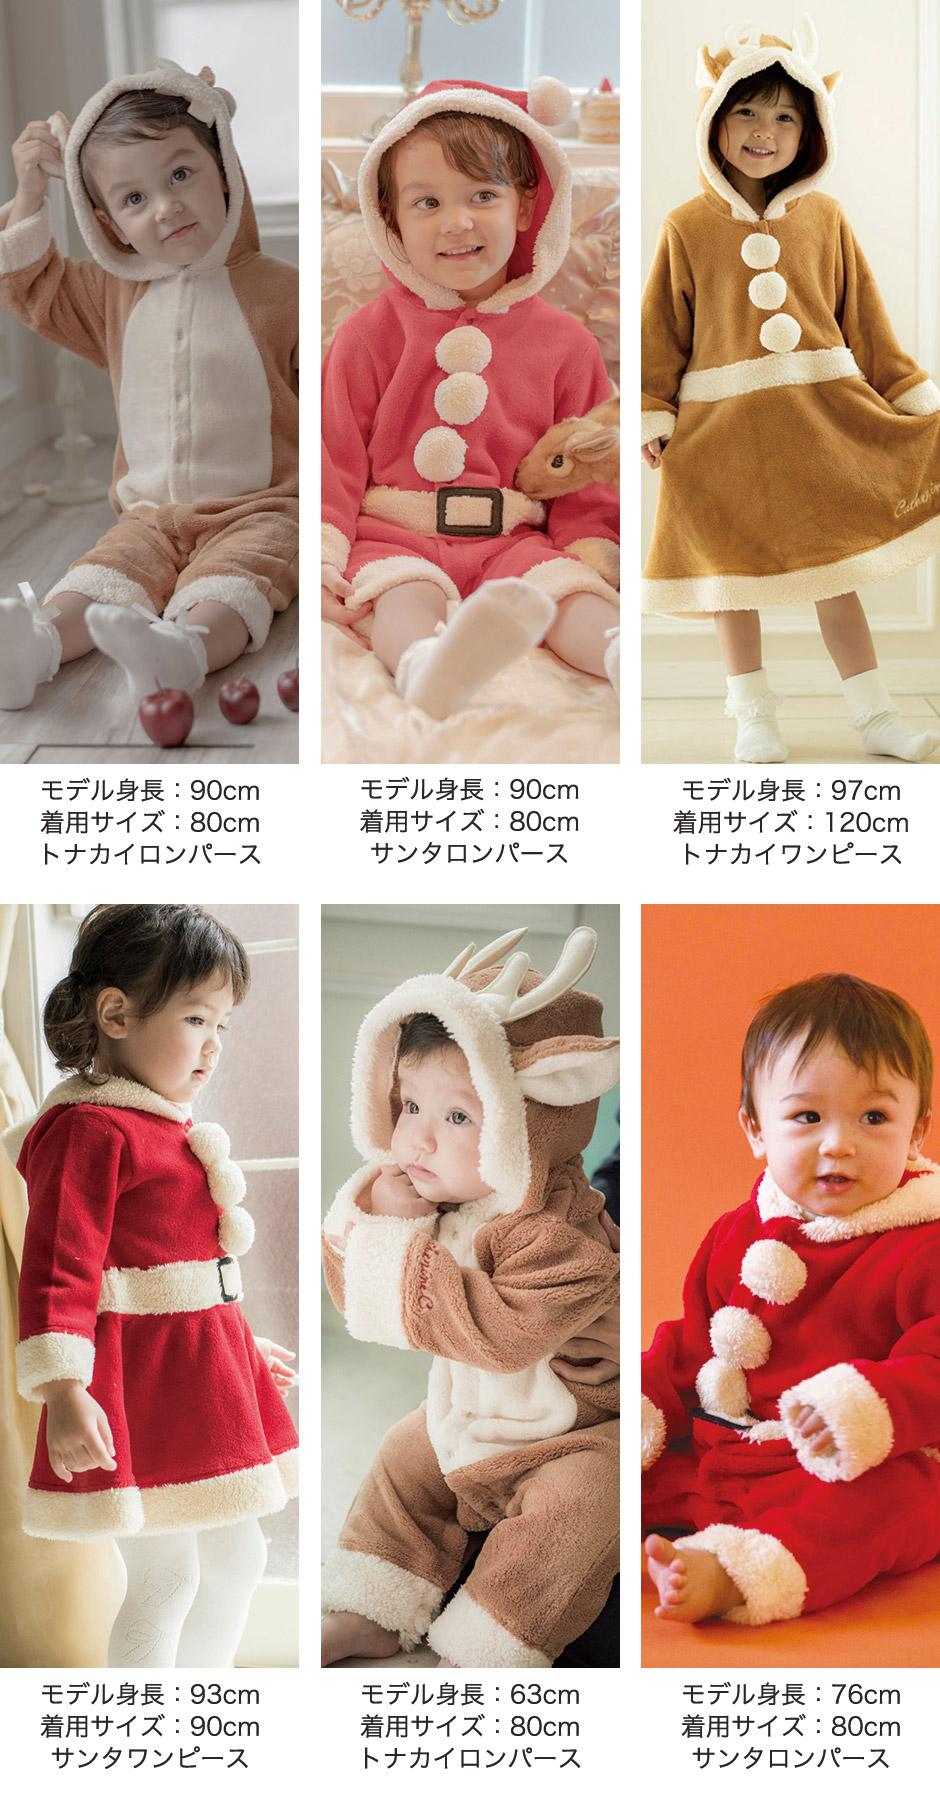 クリスマス パーティー 衣装